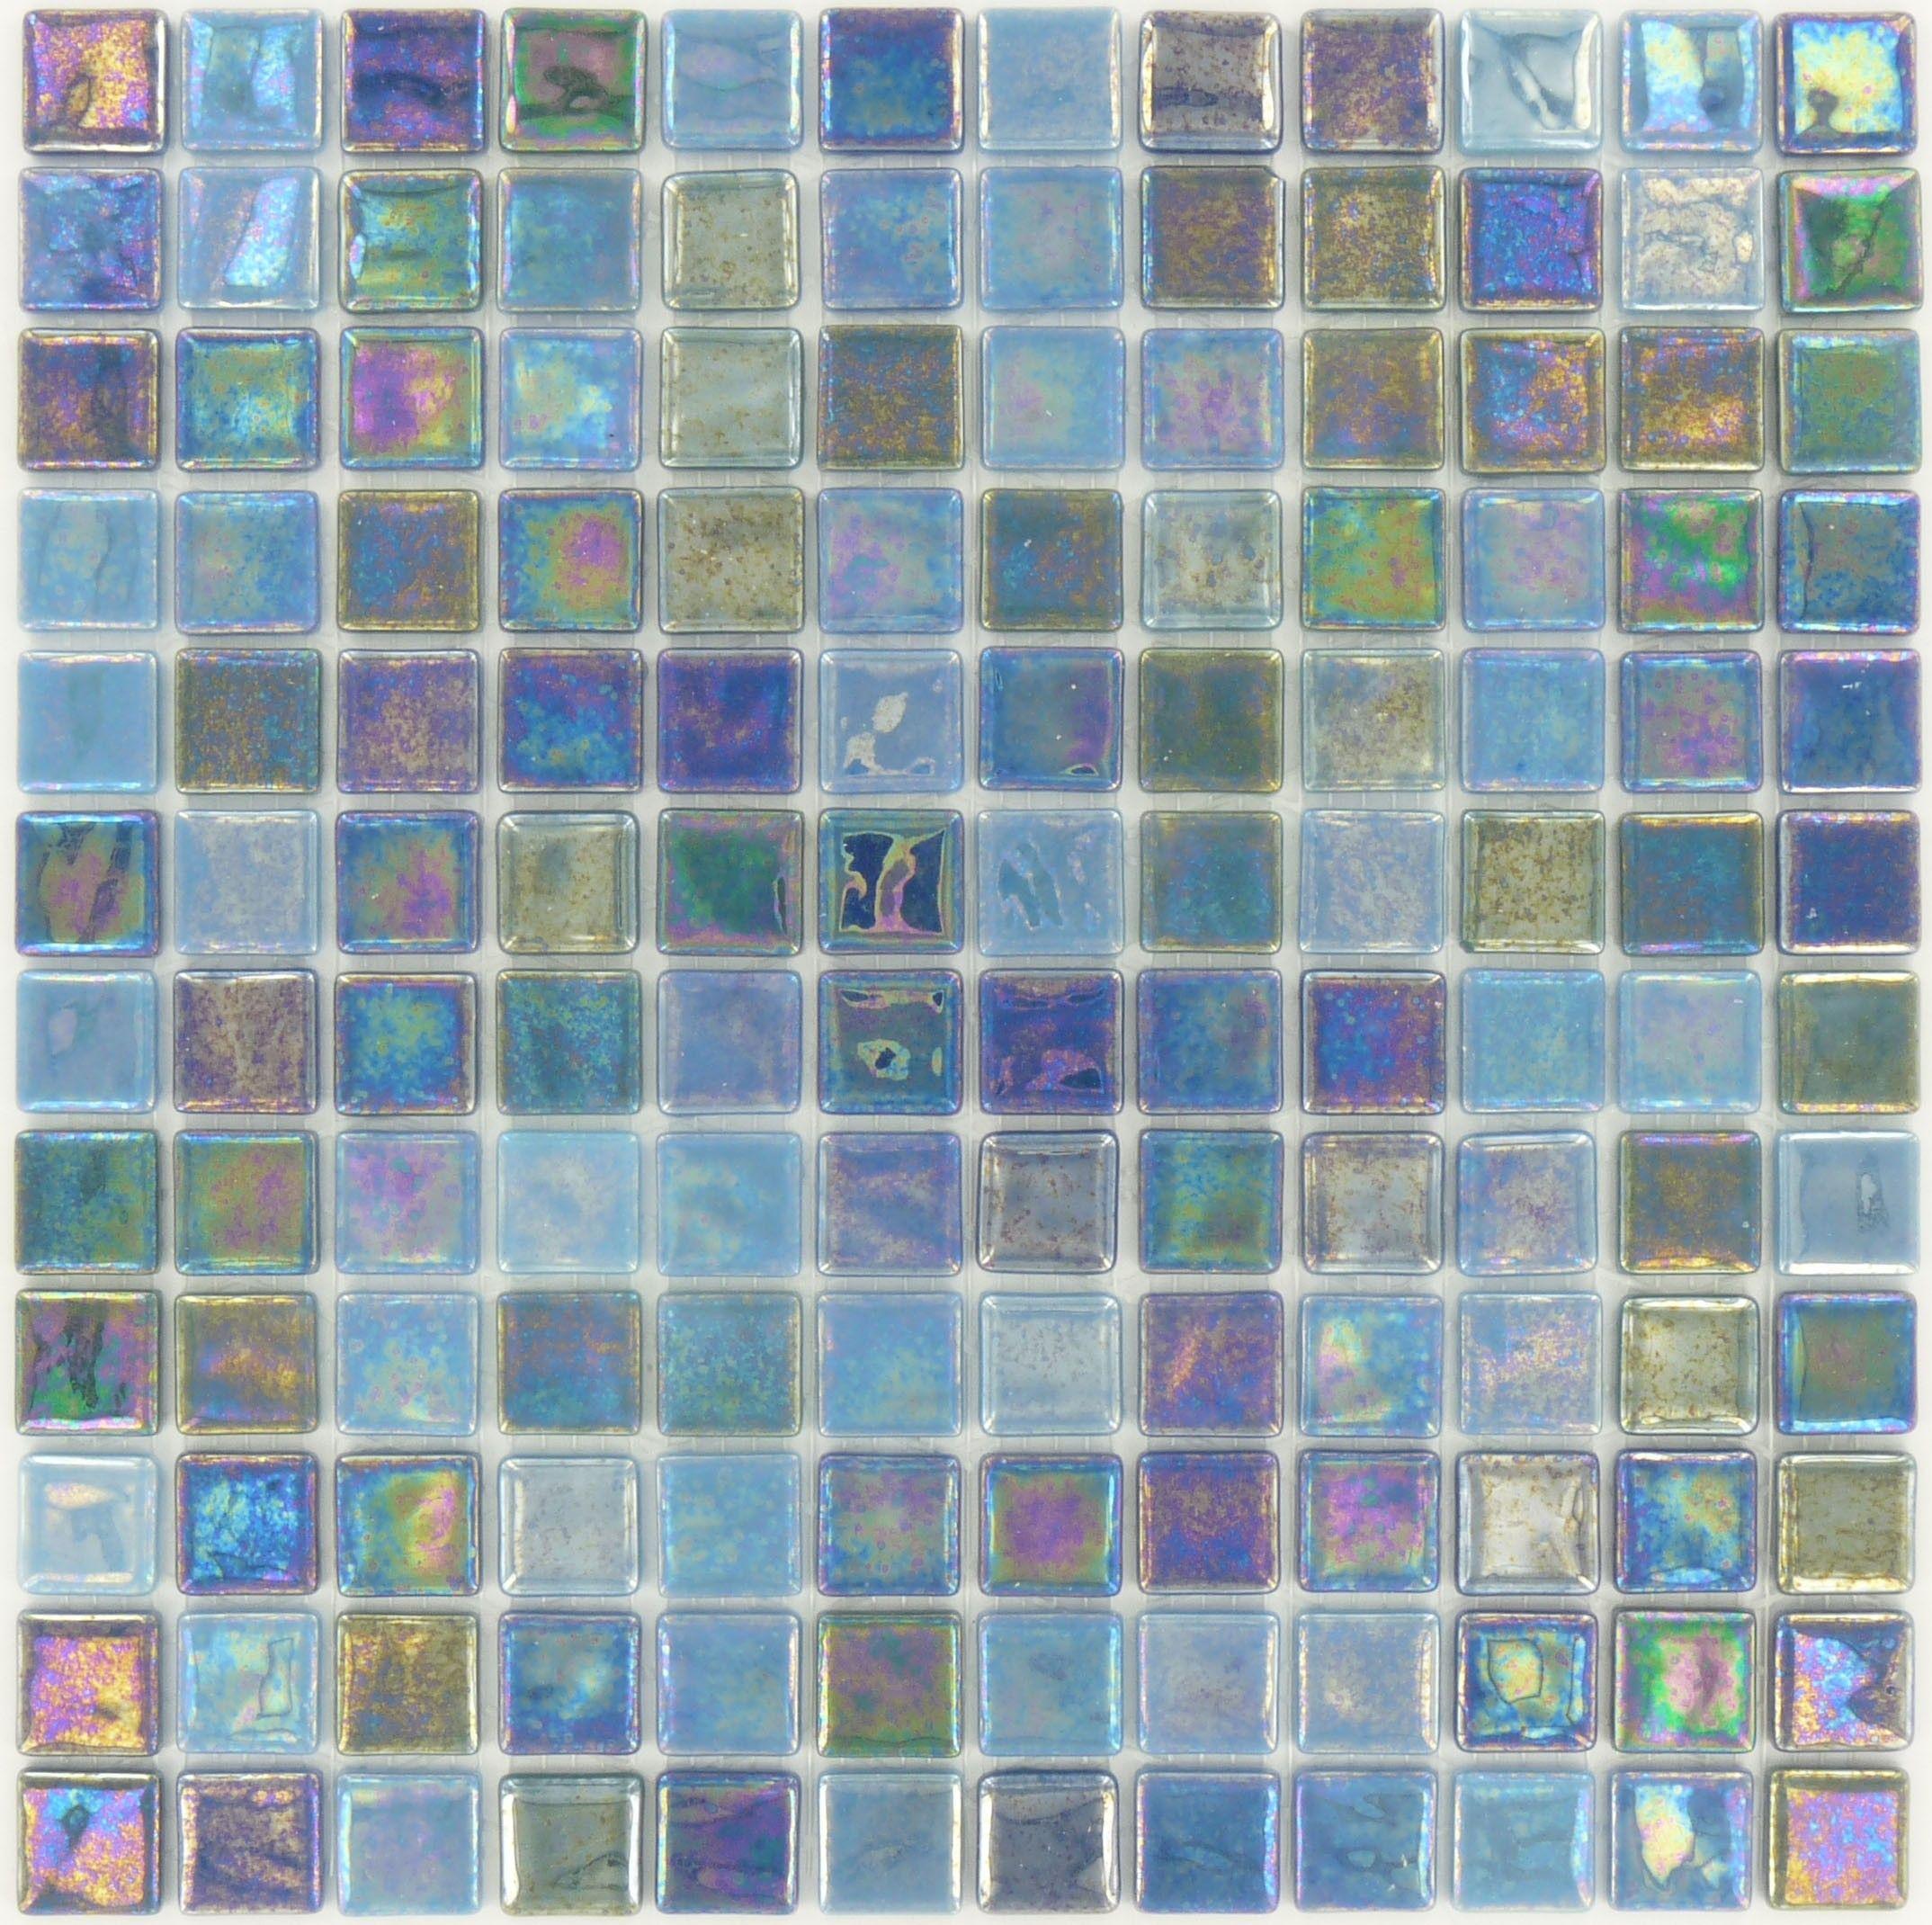 Sheet Size 12 1 8 X 12 1 8 Tile Size 7 8 X 7 8 Nominal Tiles Per Iridescent Glass Tiles Recycled Glass Tile Iridescent Glass